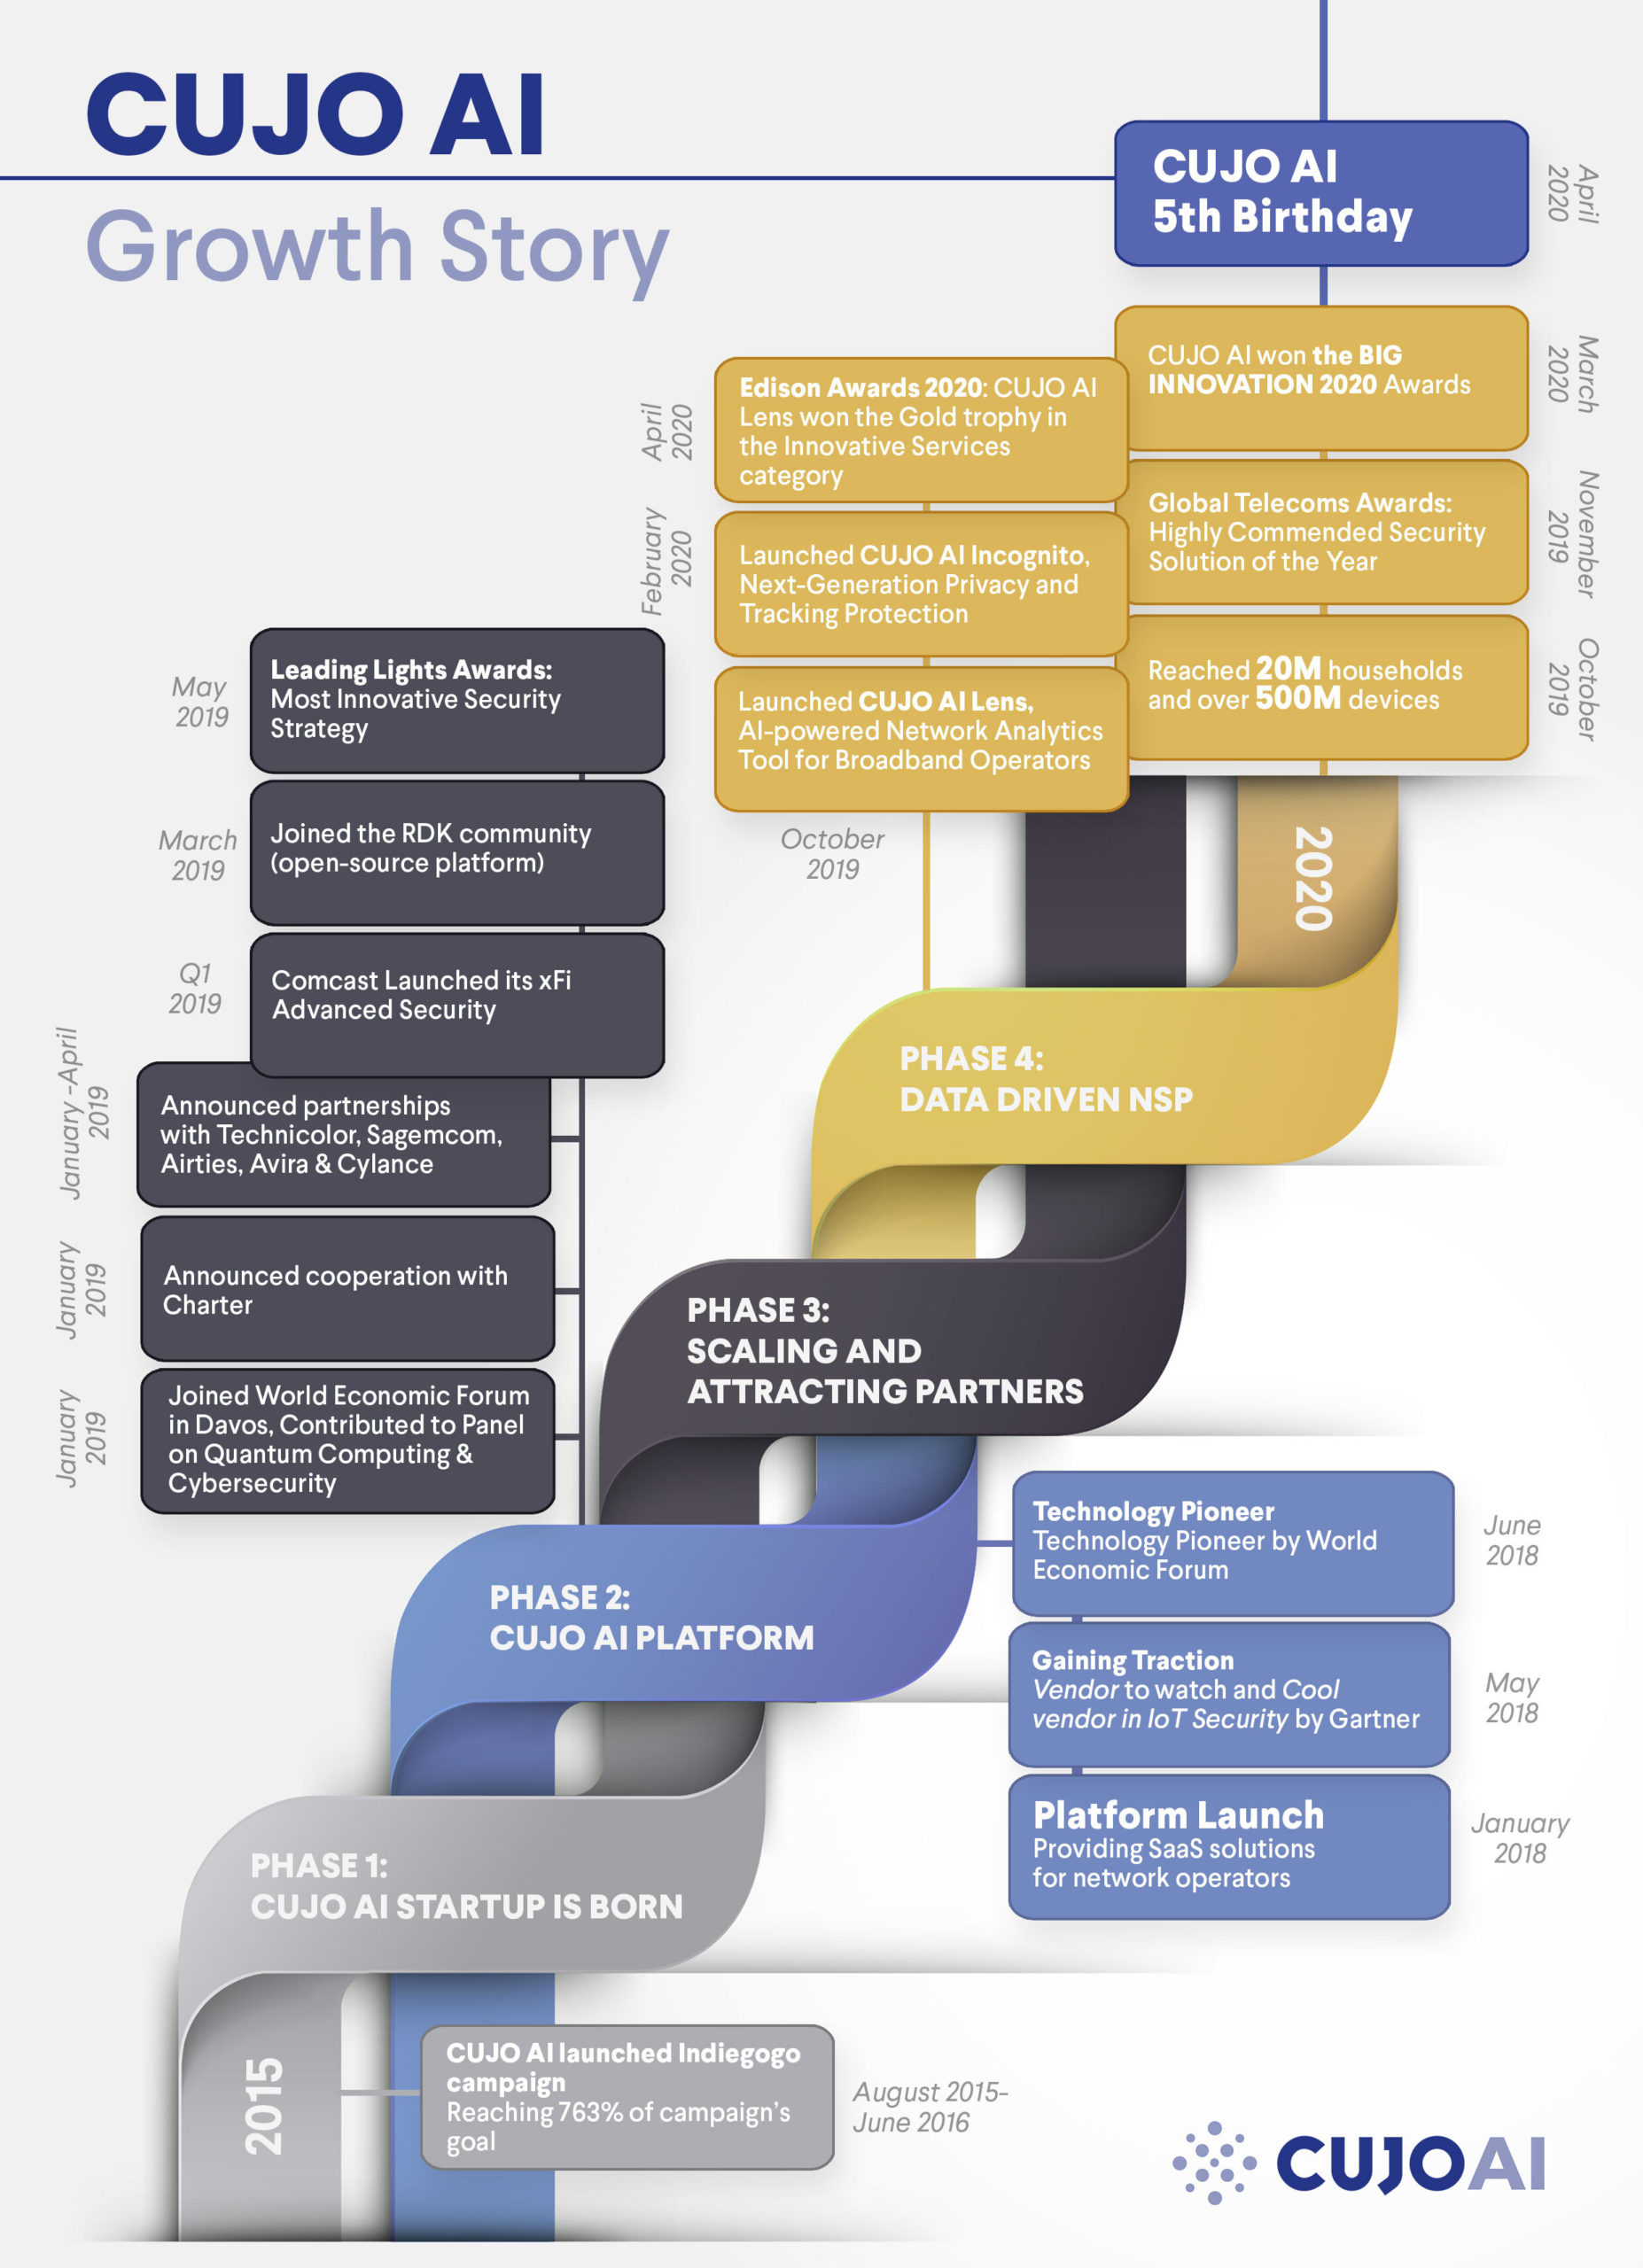 CUJO AI Growth Timeline